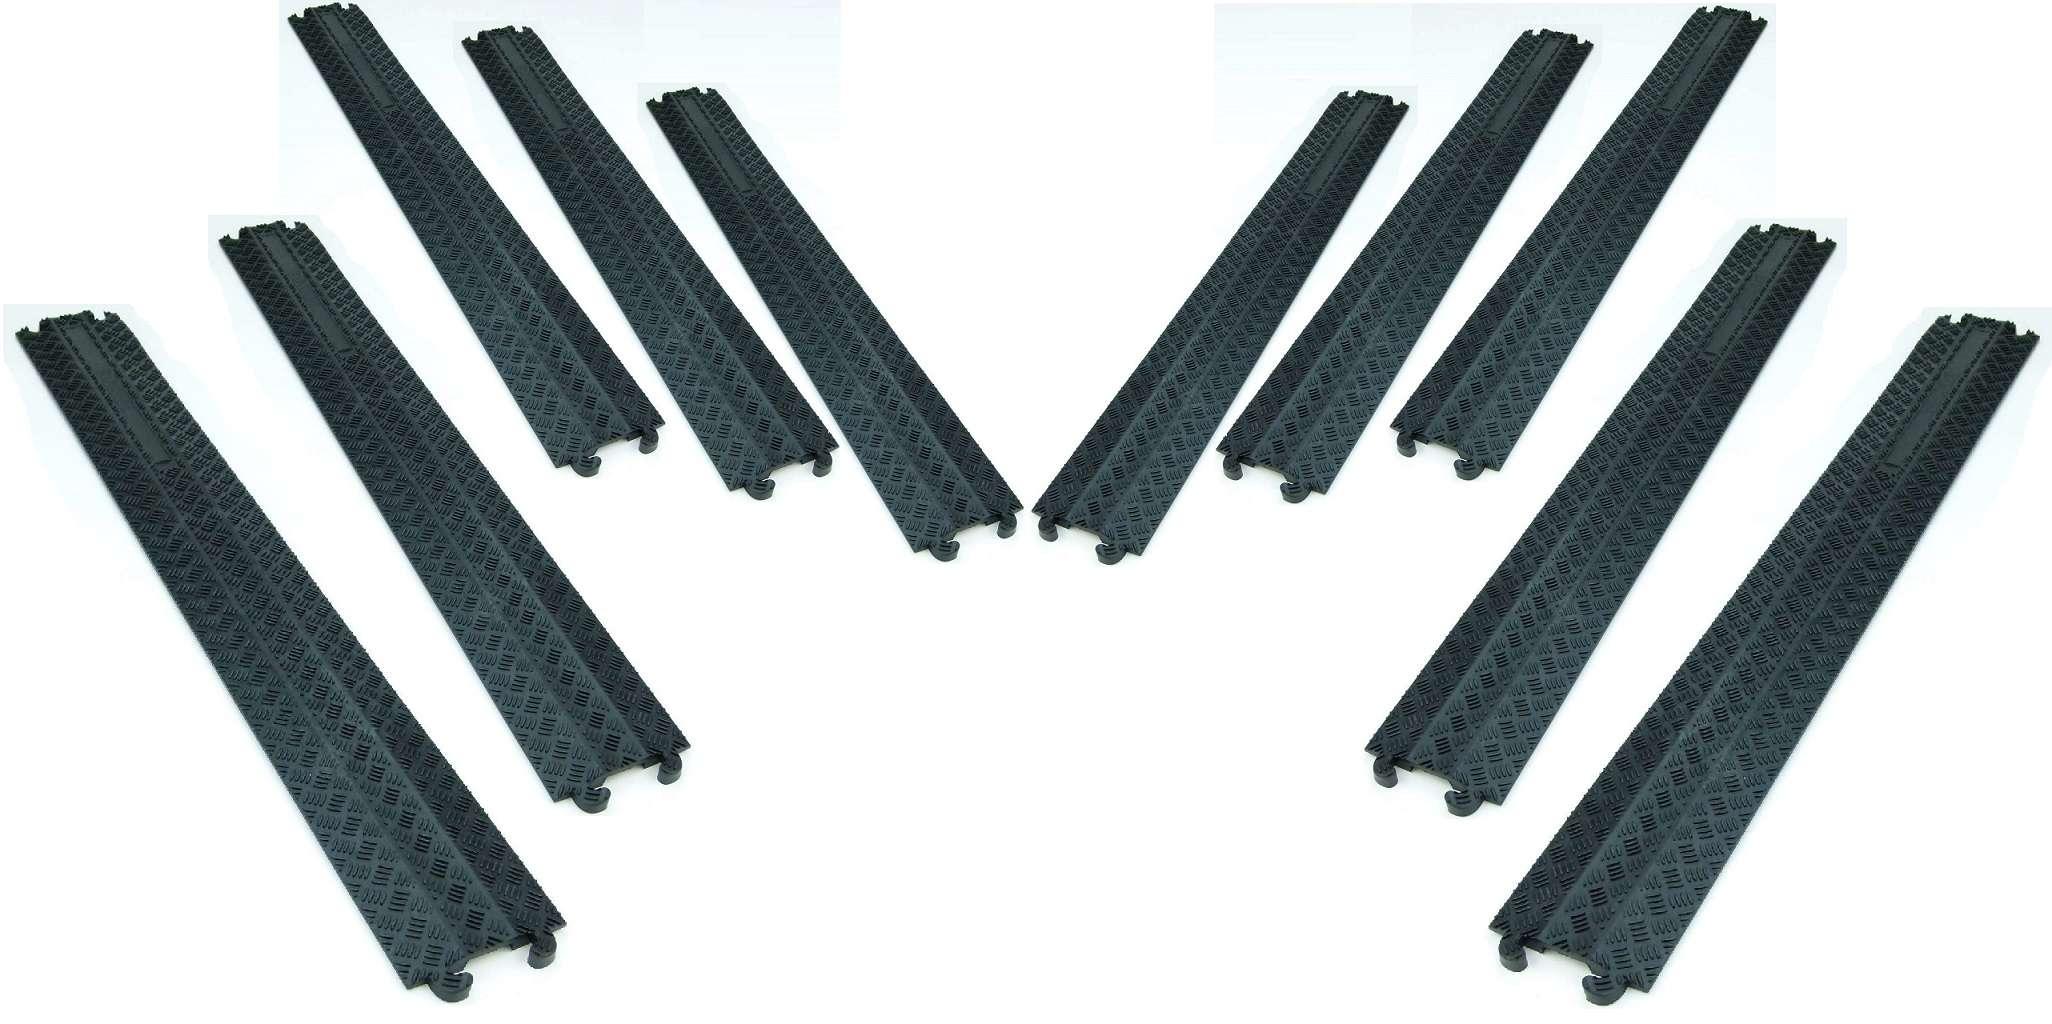 10x 1 Kanal Kabelbrücke Kabelmatte Überfahrrampe Kabelkanal Überfahrschutz Gummi Musikinstrumente Kabel, Leitungen & Stecker